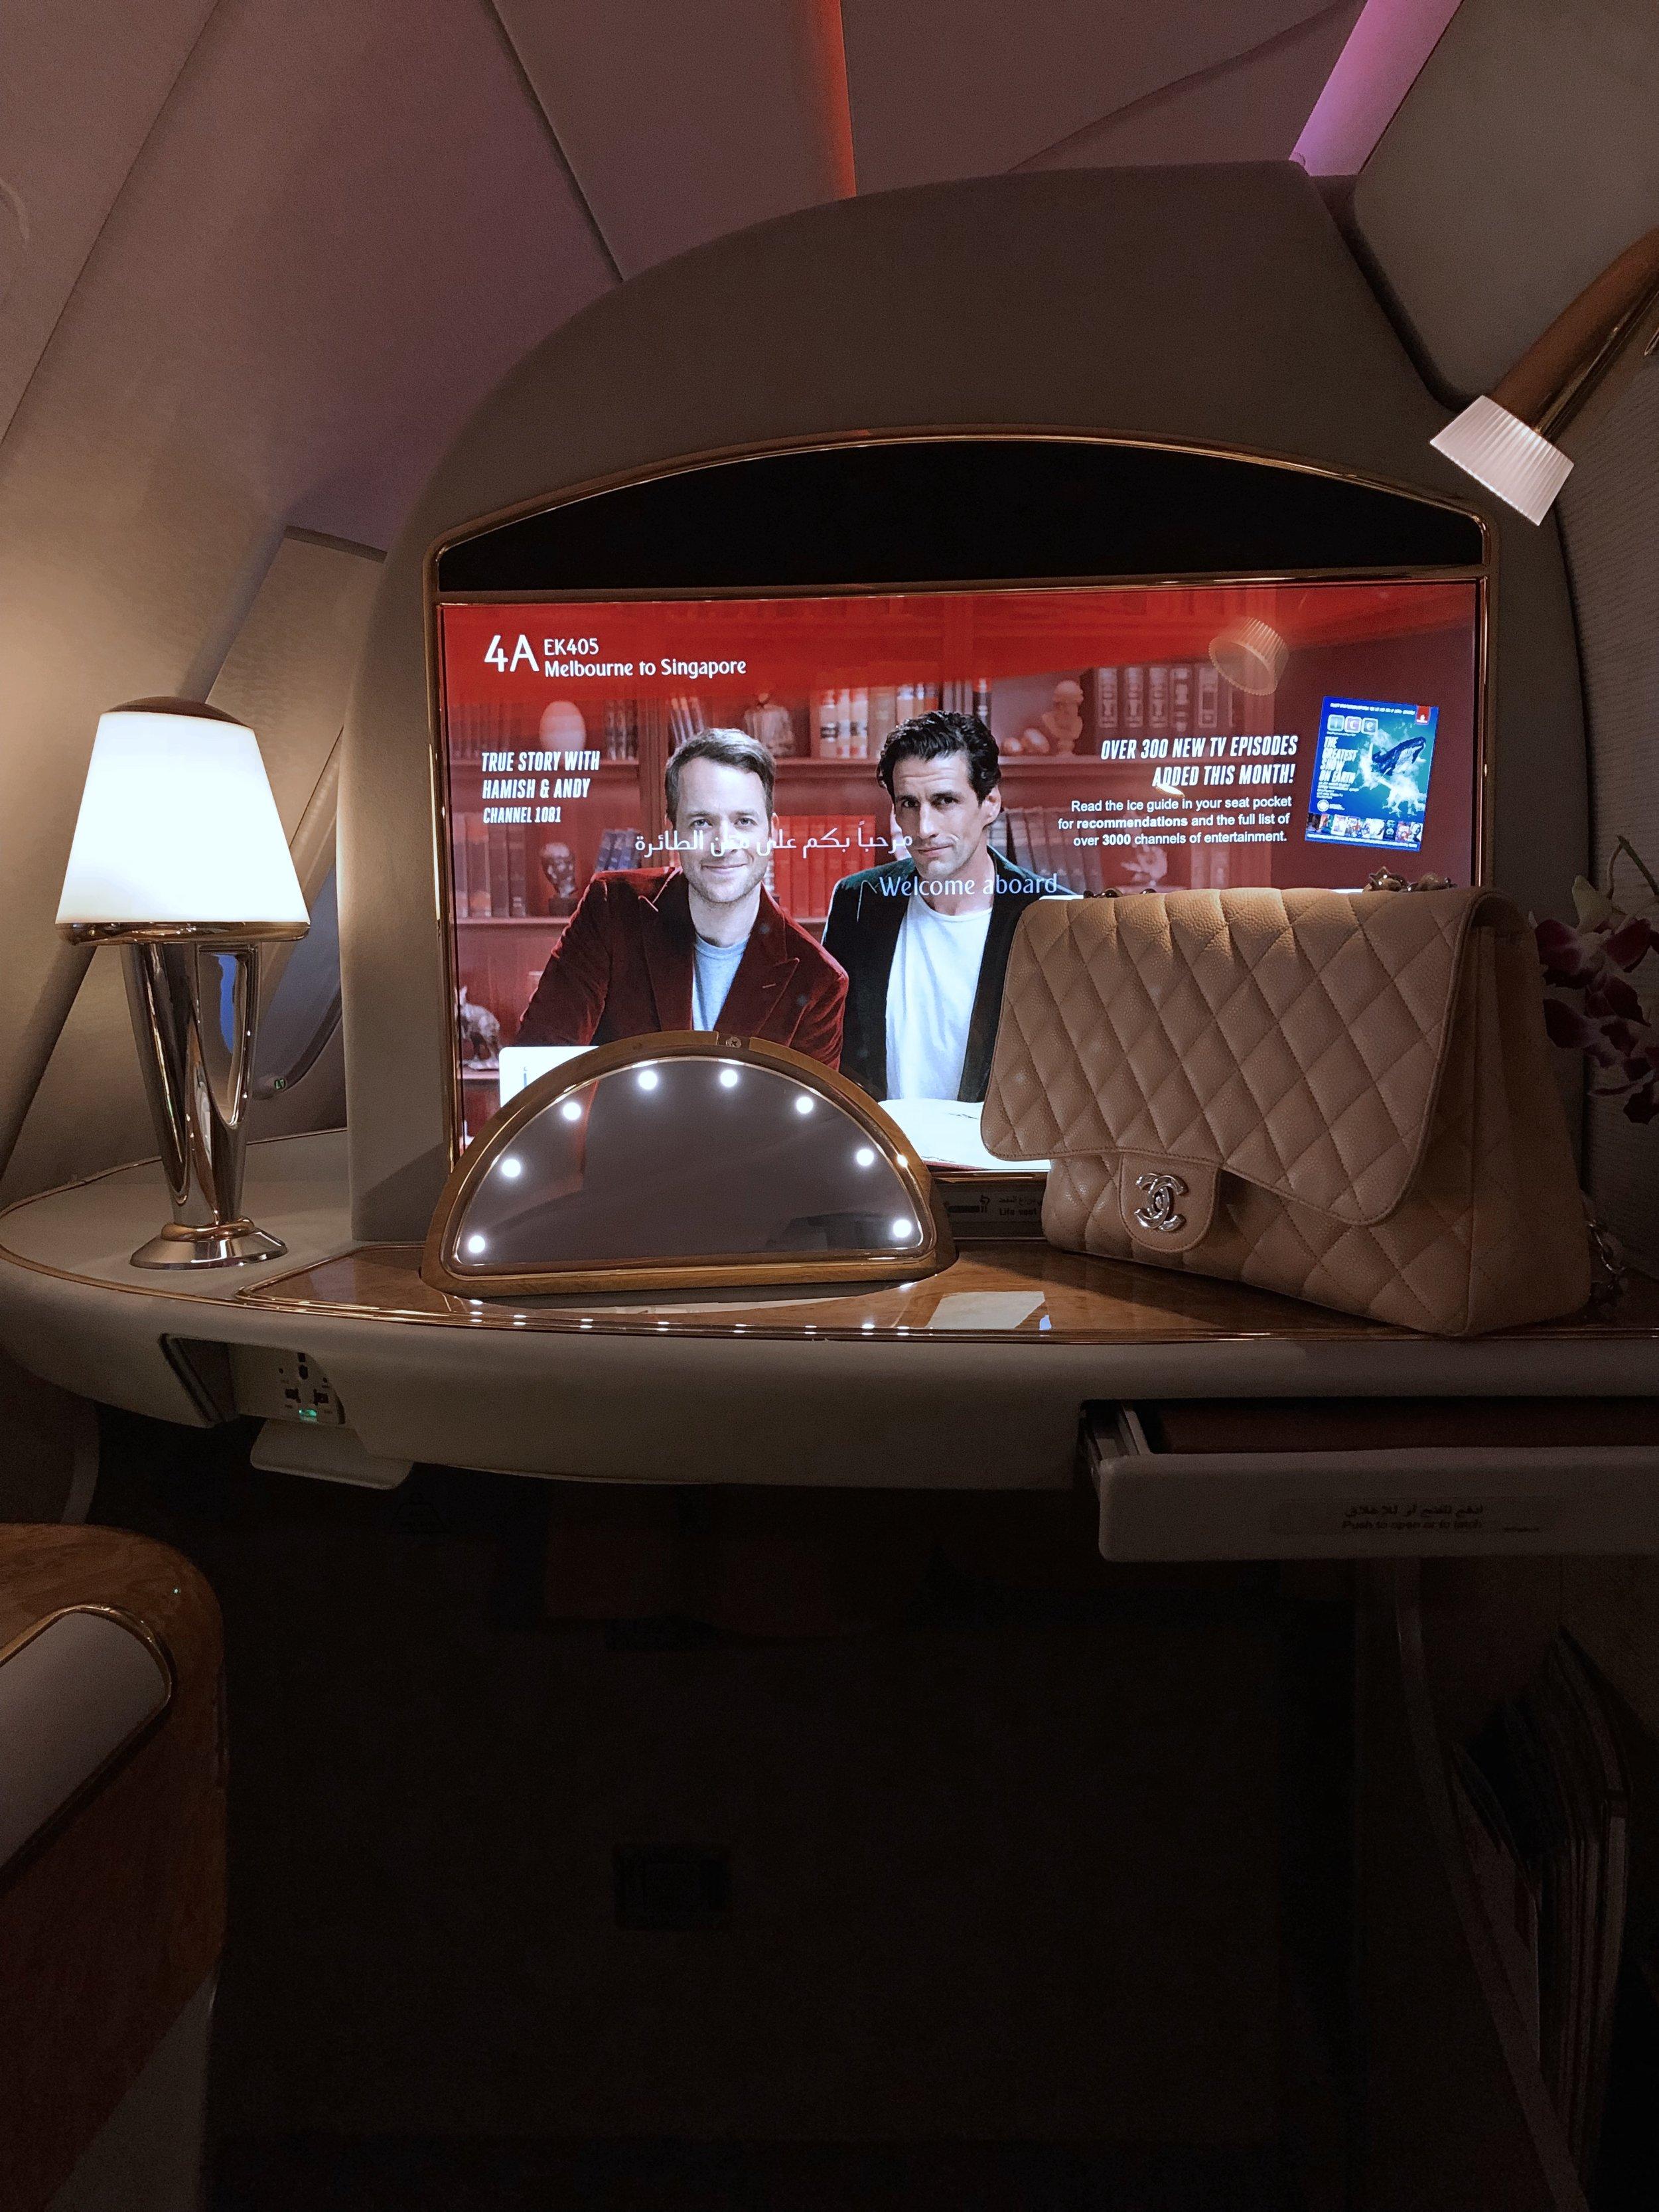 Emirates First Class on www.friendinfashion.com.au